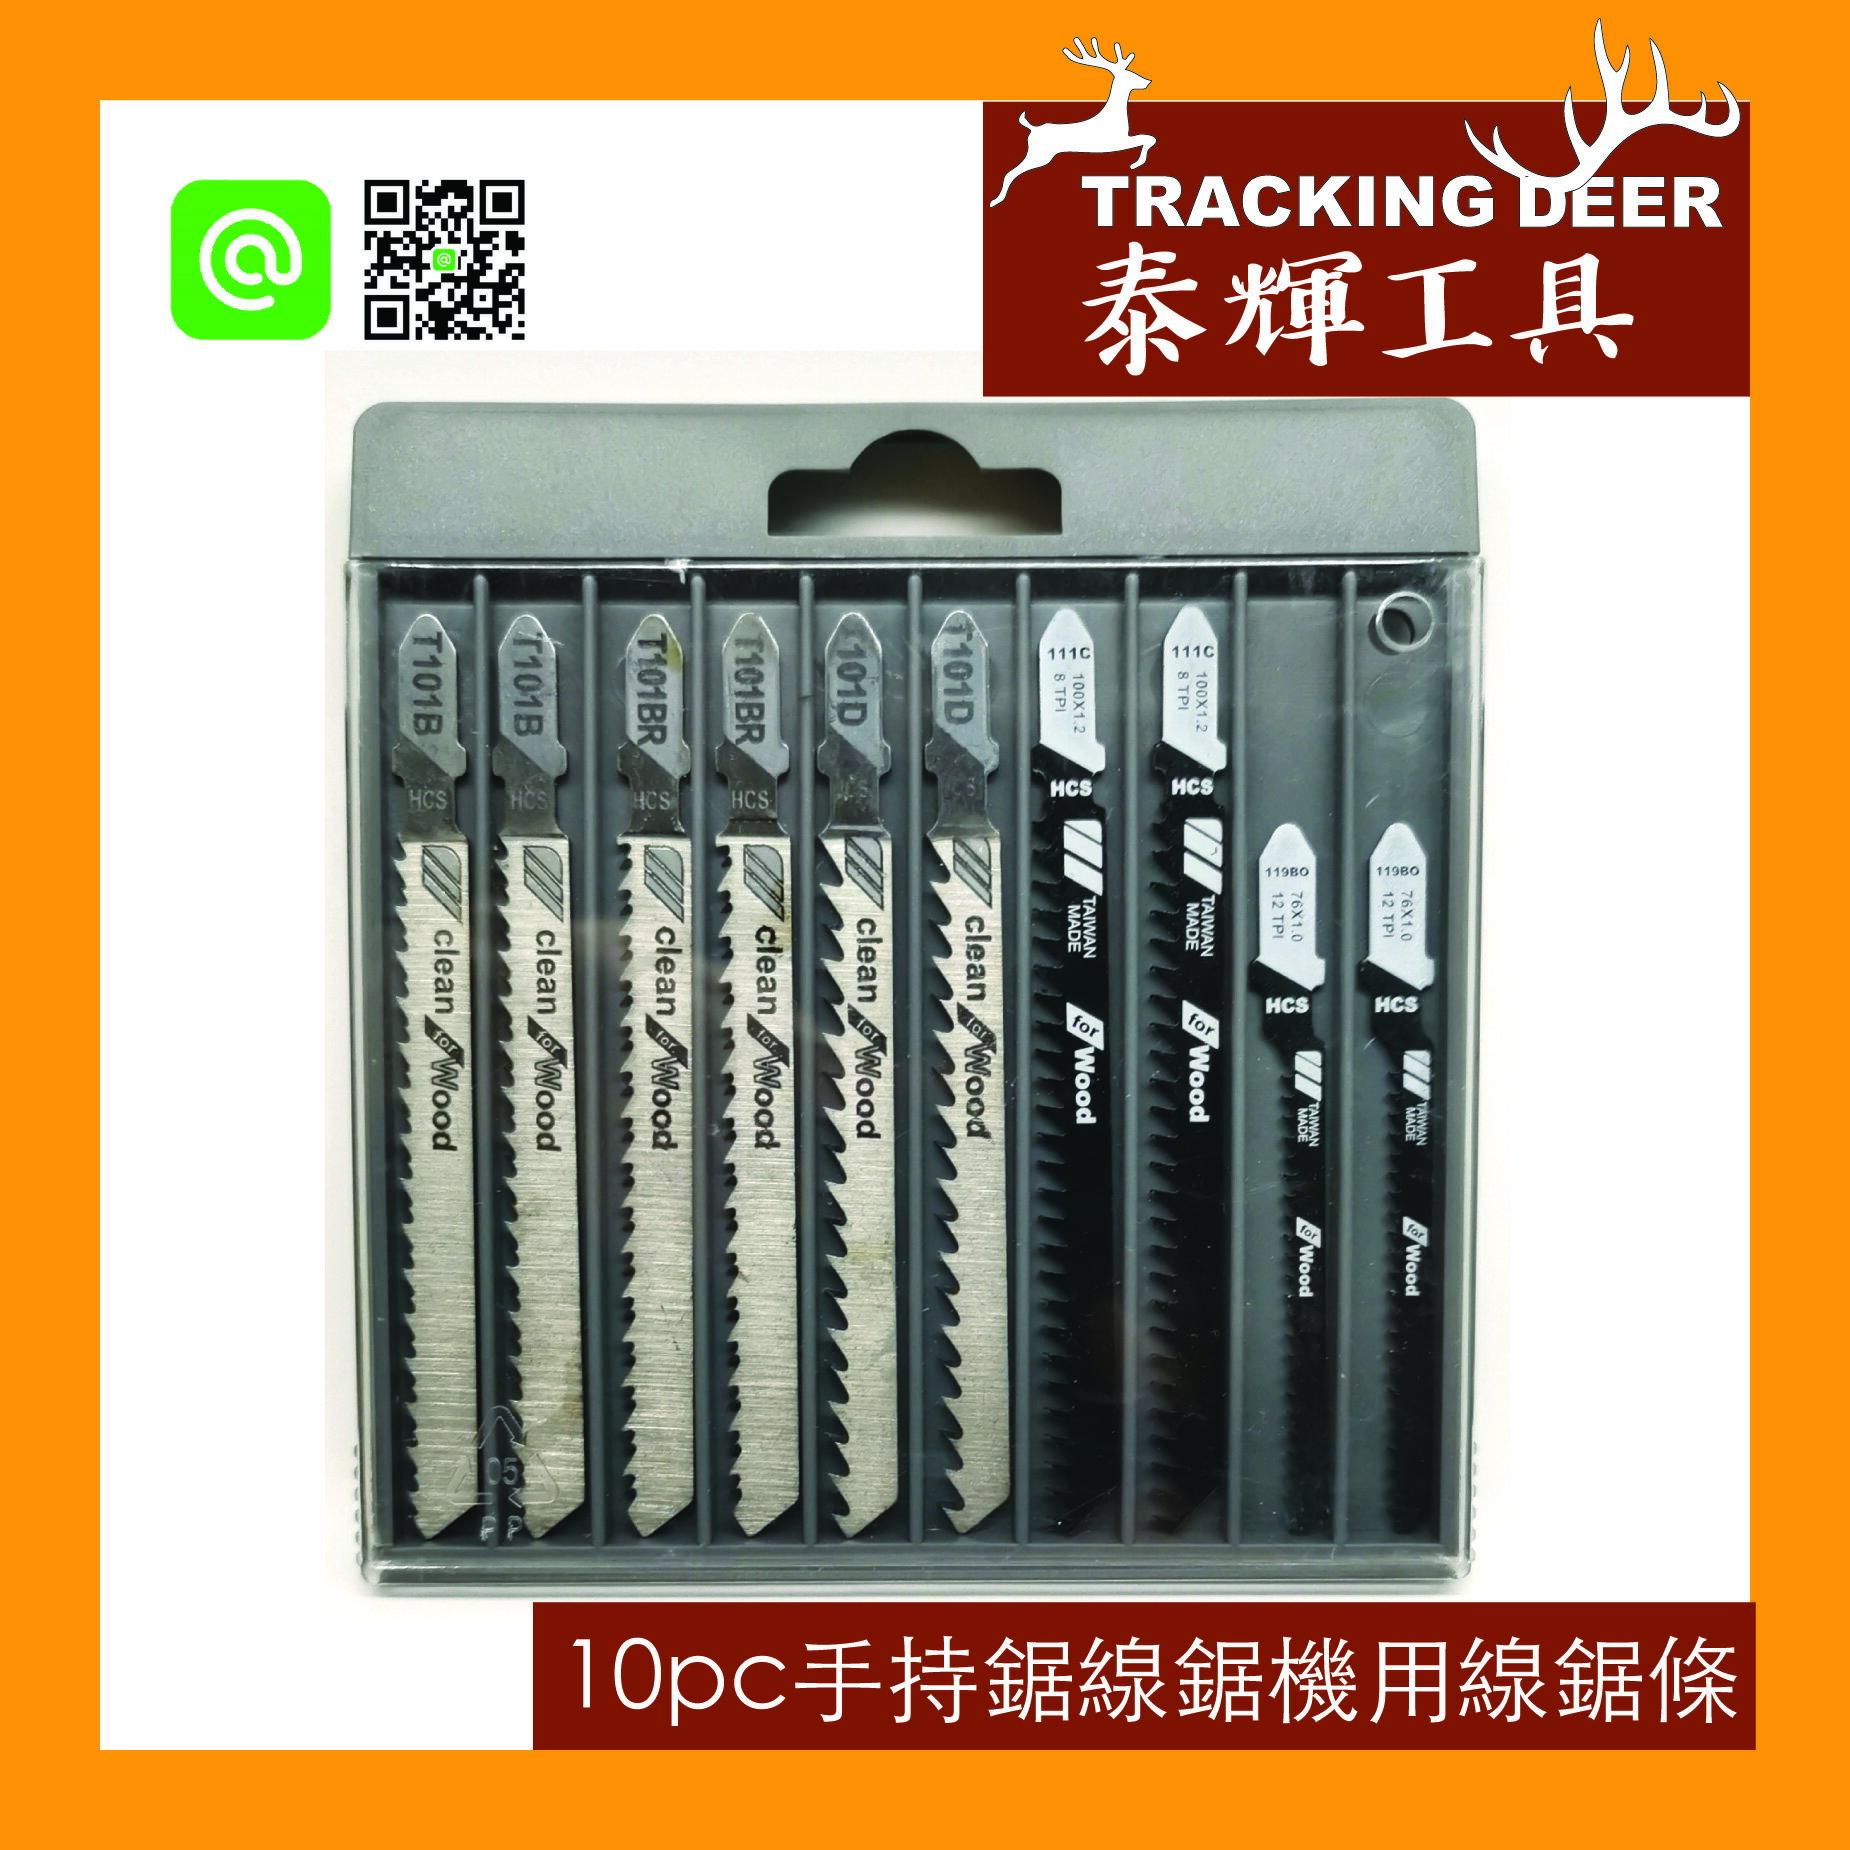 台灣製造 木工用 Bosch規格【10PC 線鋸片組】曲線鋸 手持線鋸機適用(10支/組) JS-1003